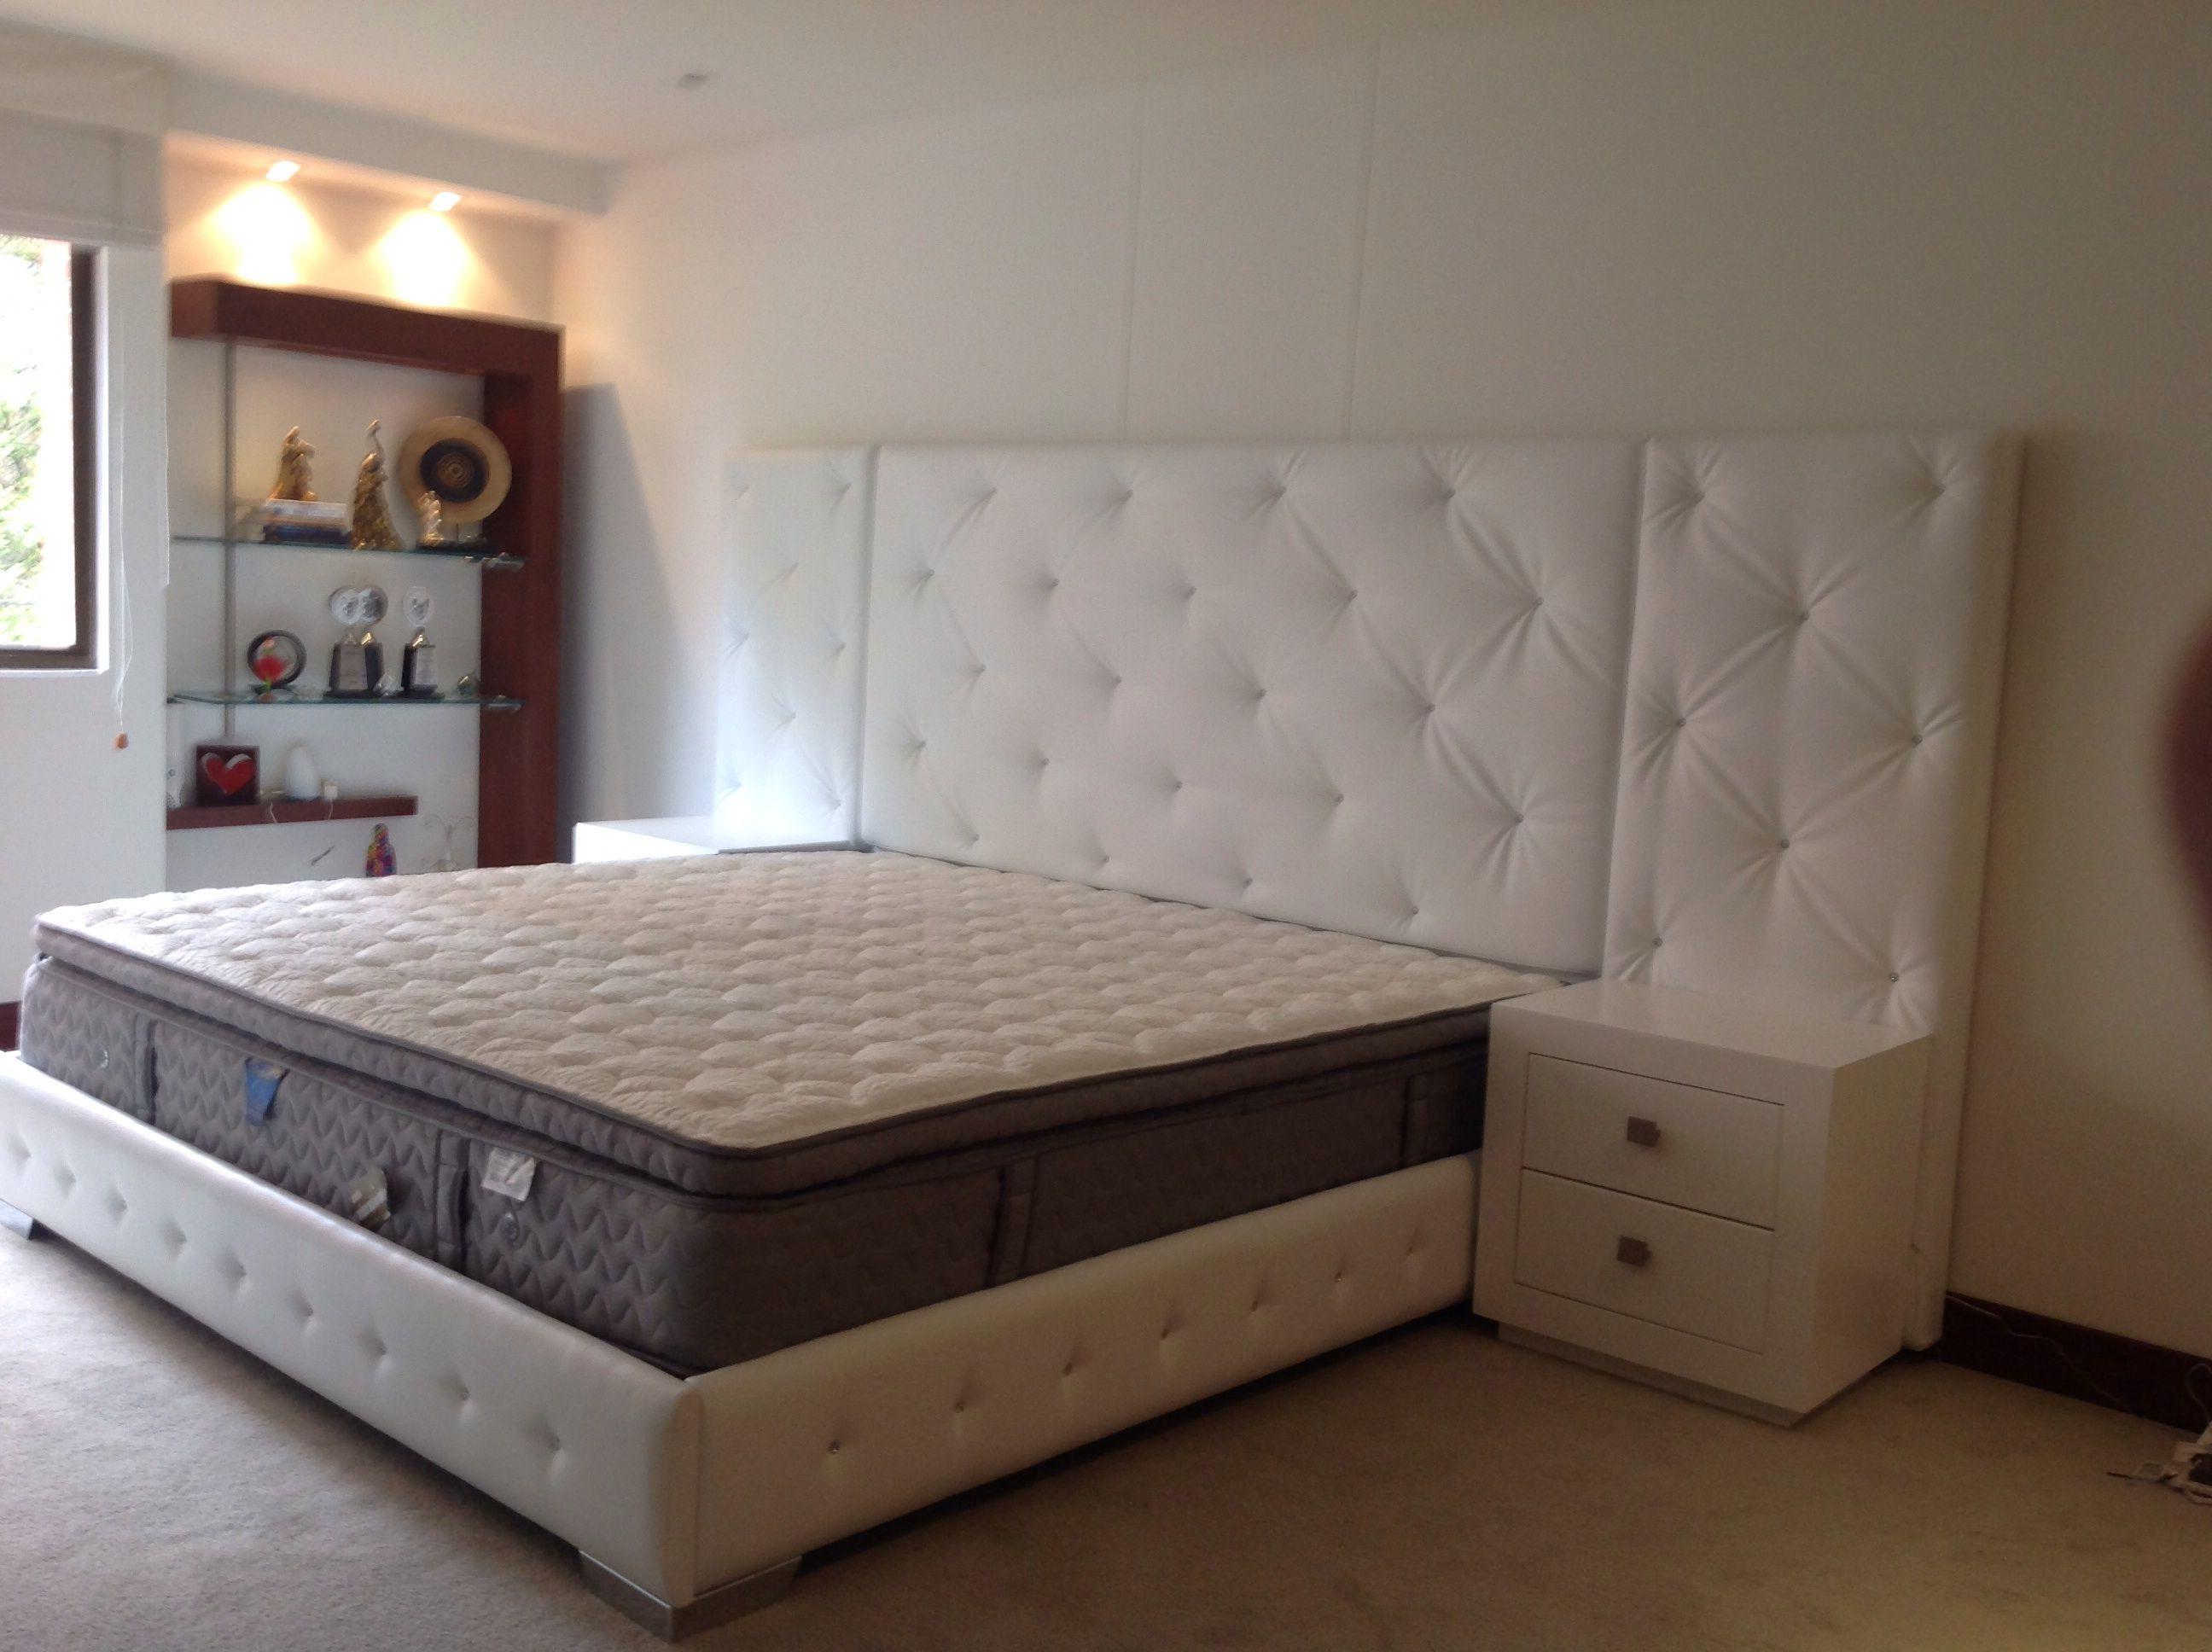 Juegos De Alcoba Home Decor Furniture Bed